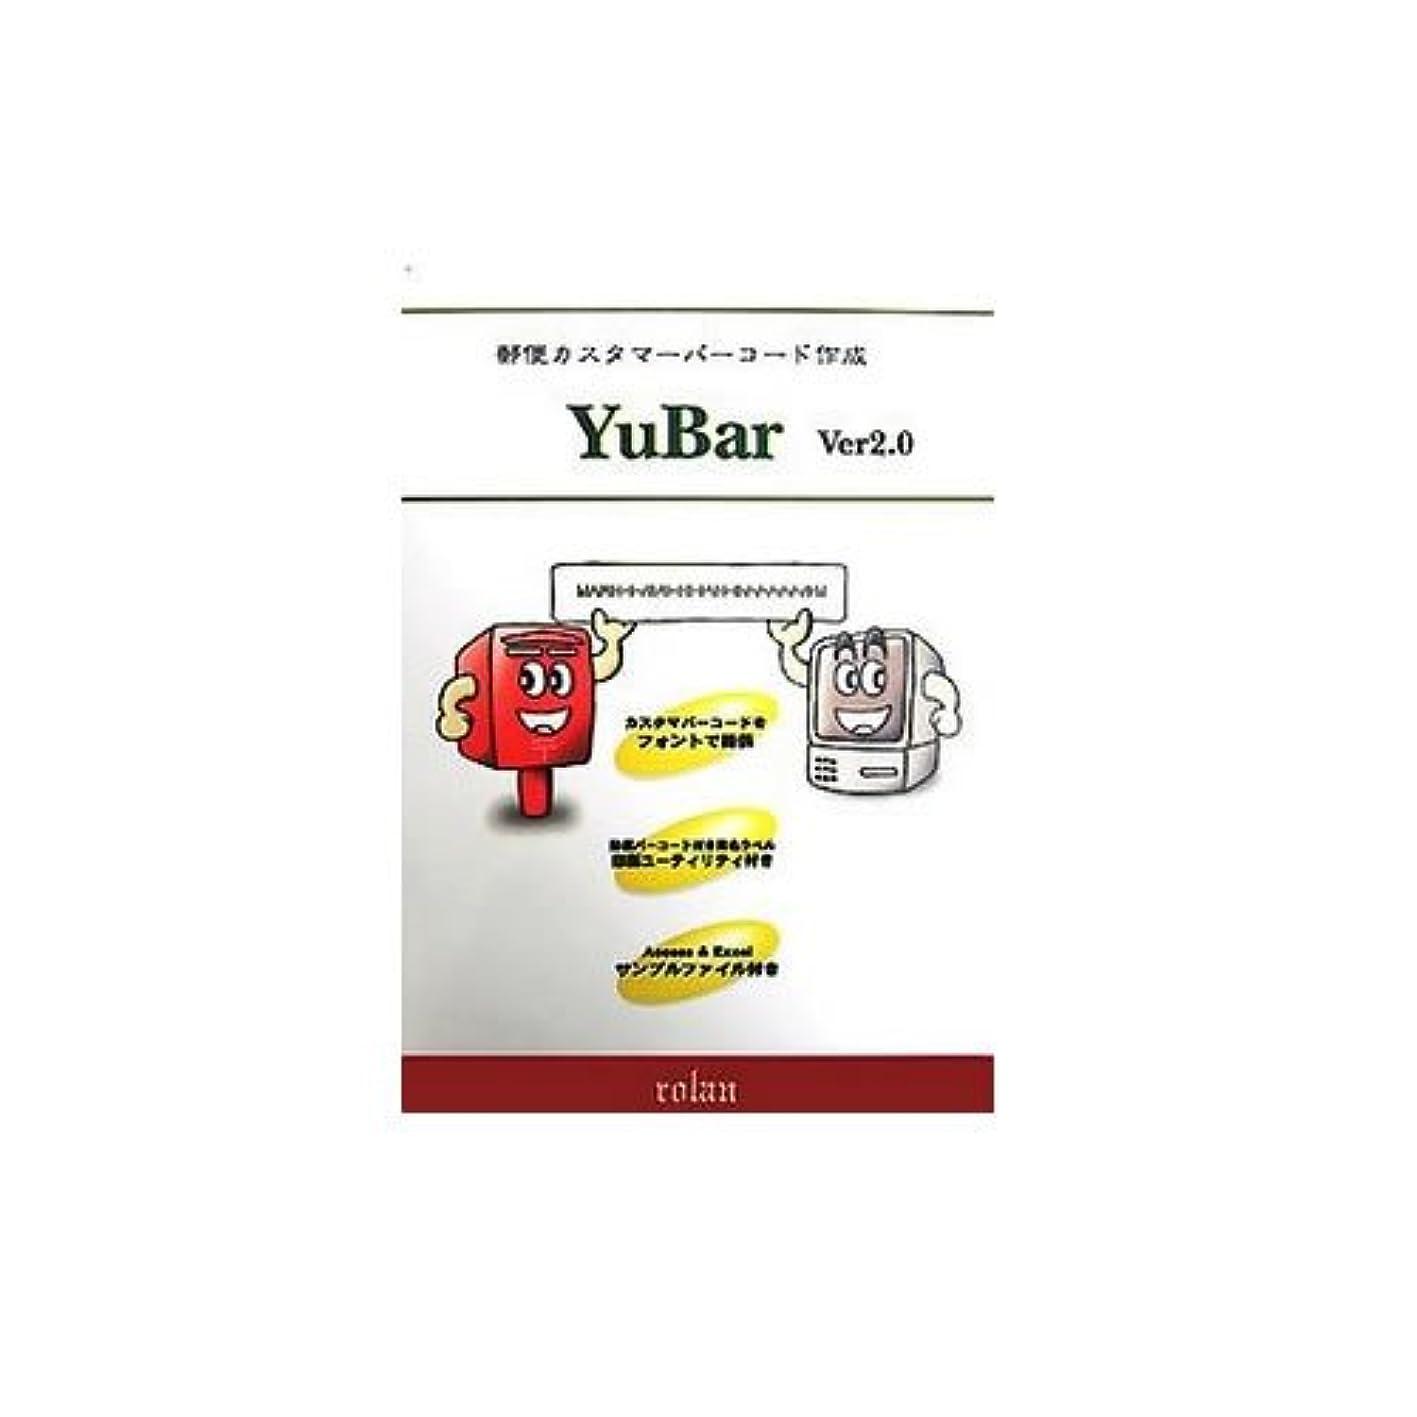 ボルト本質的にバック郵便カスタマーバーコード作成ソフトYuBar Ver2.0